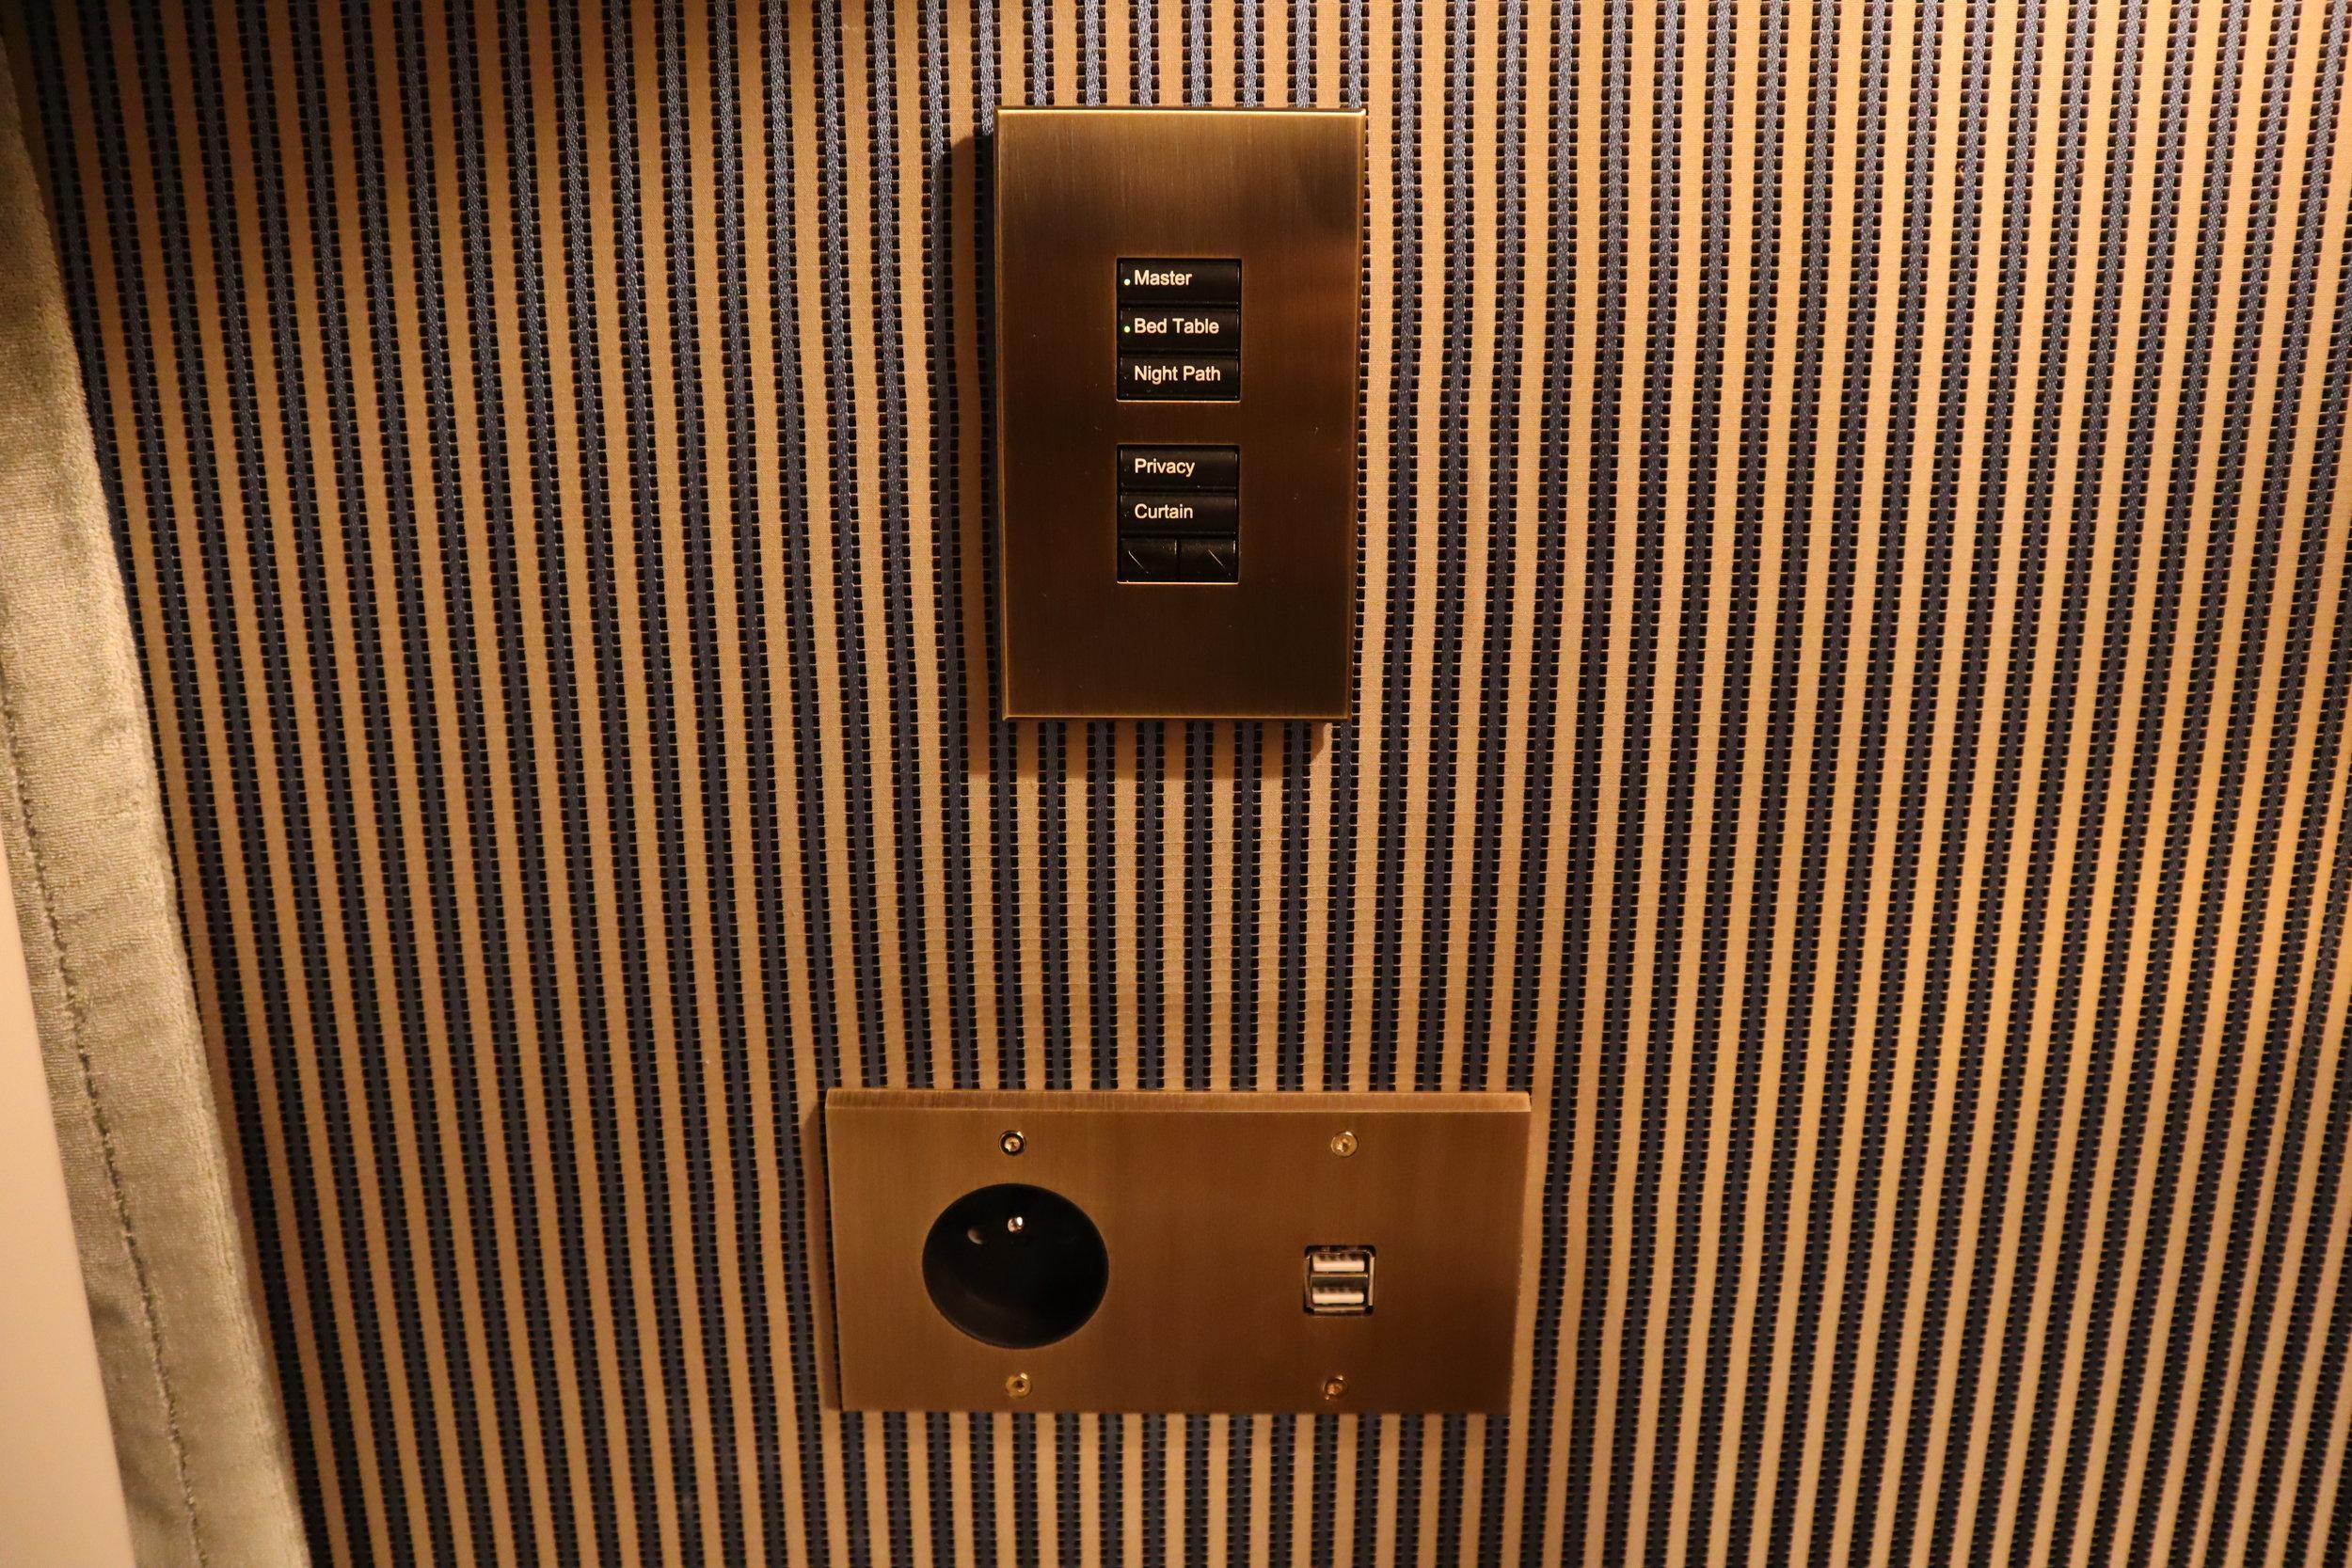 Hôtel de Berri Paris – Controls and charging ports